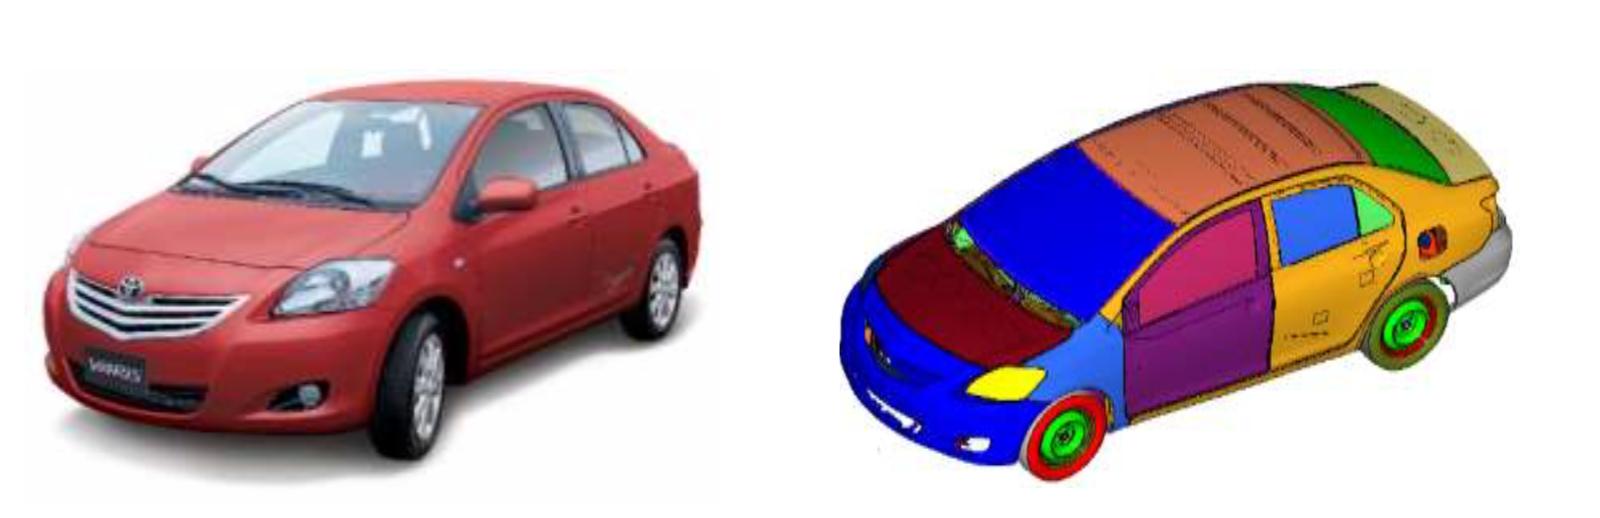 FEA-compendium-vehicle-model